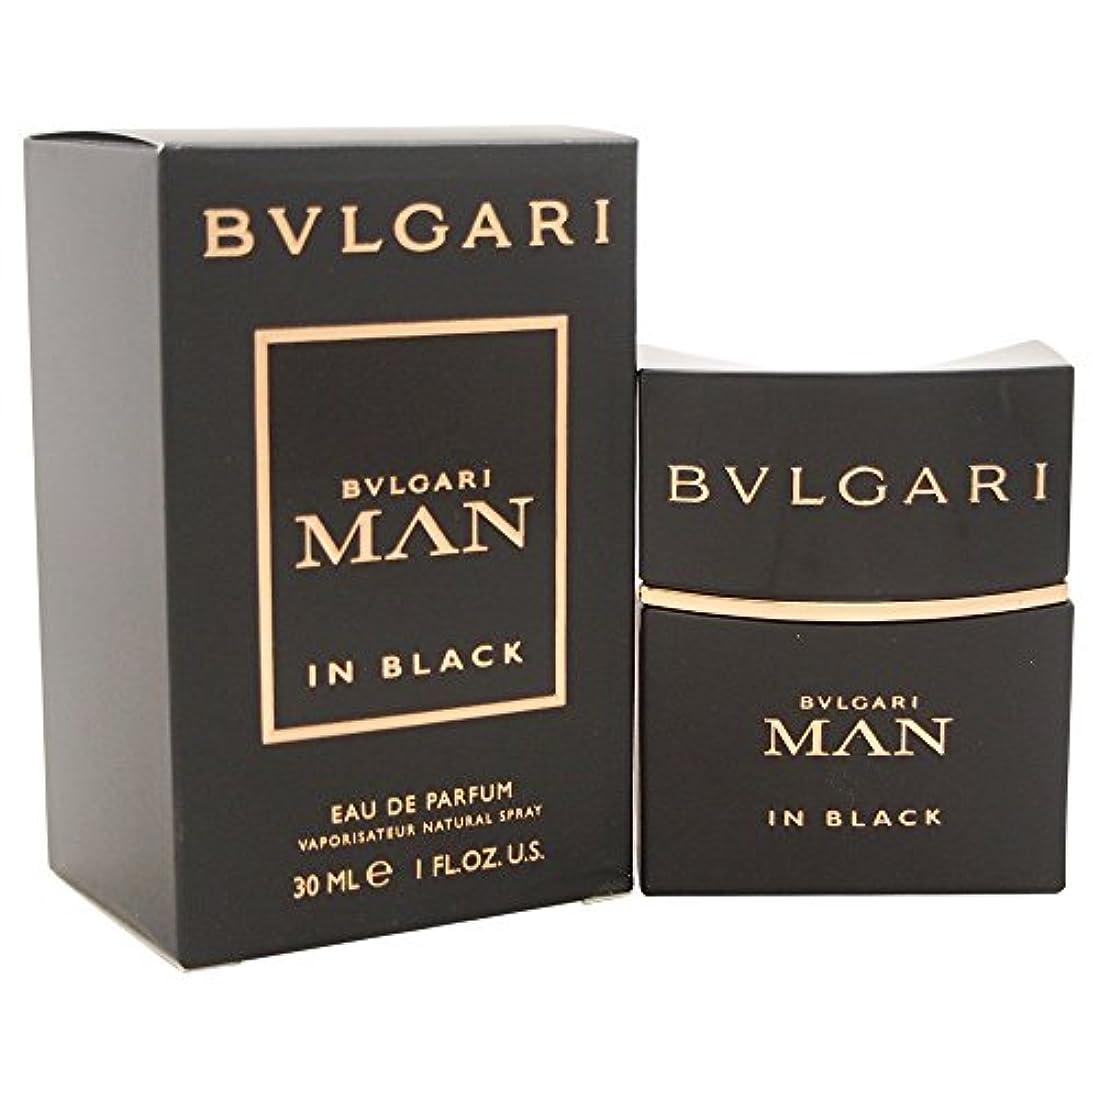 シソーラス作りフェミニンブルガリ BVLGARI  ブルガリ マン イン ブラック EP SP 30ml